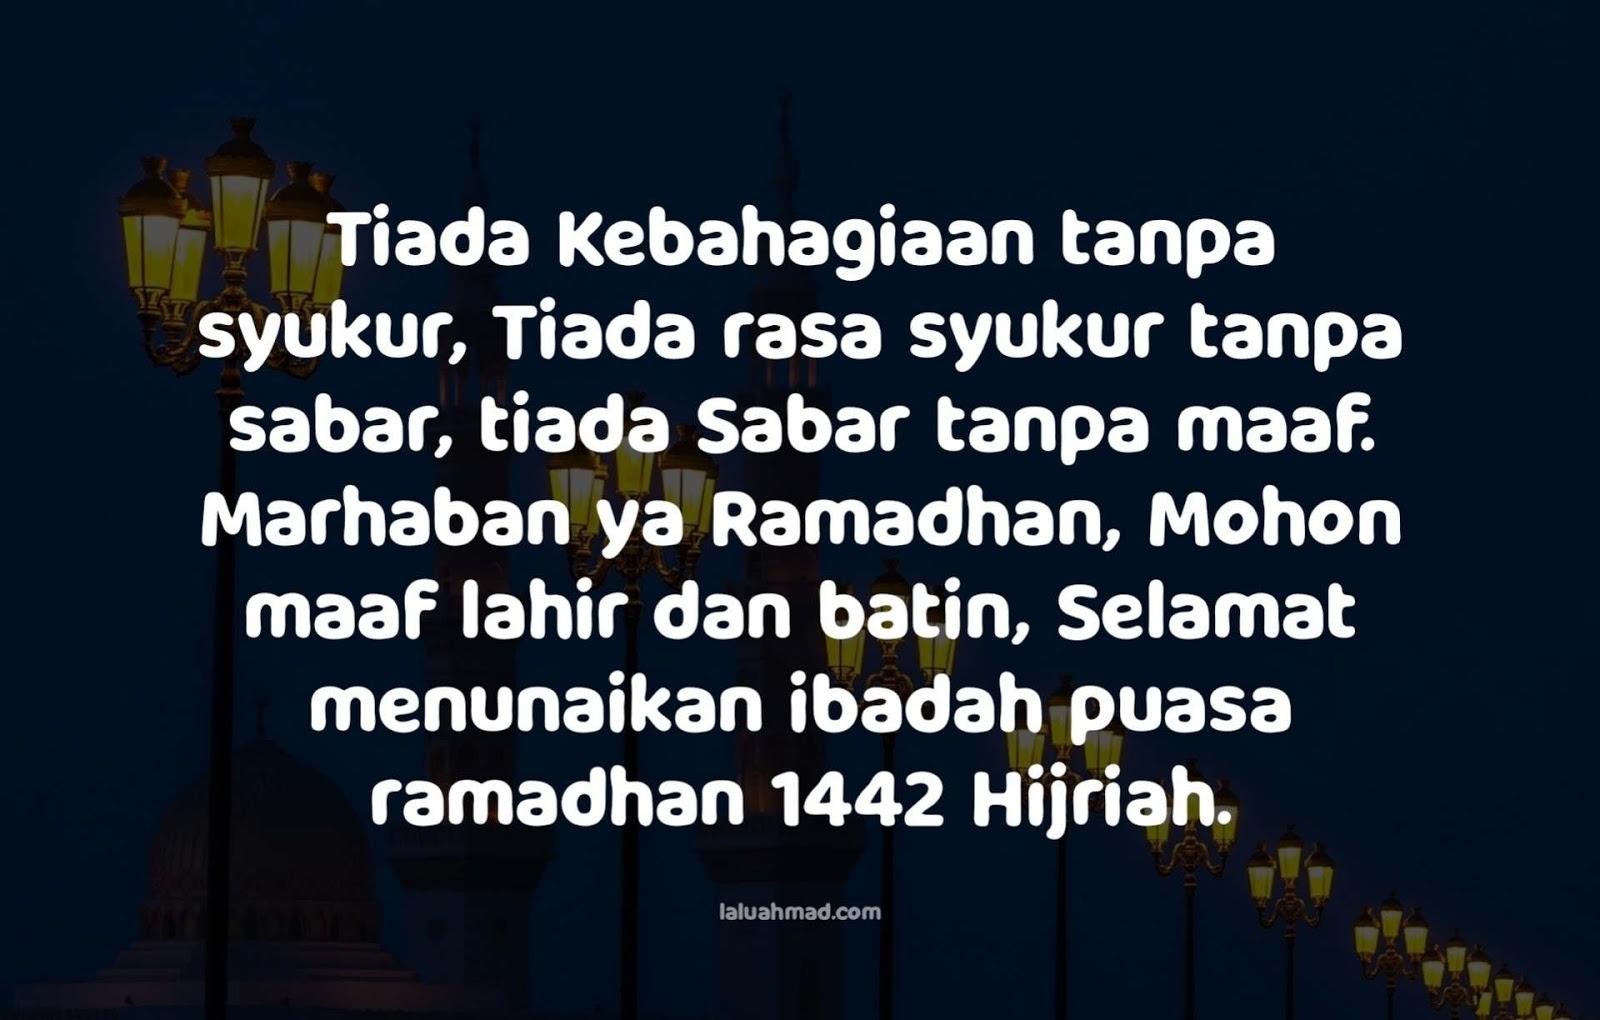 Kata Ucapan Menyambut Bulan Puasa Ramadhan 1442 H